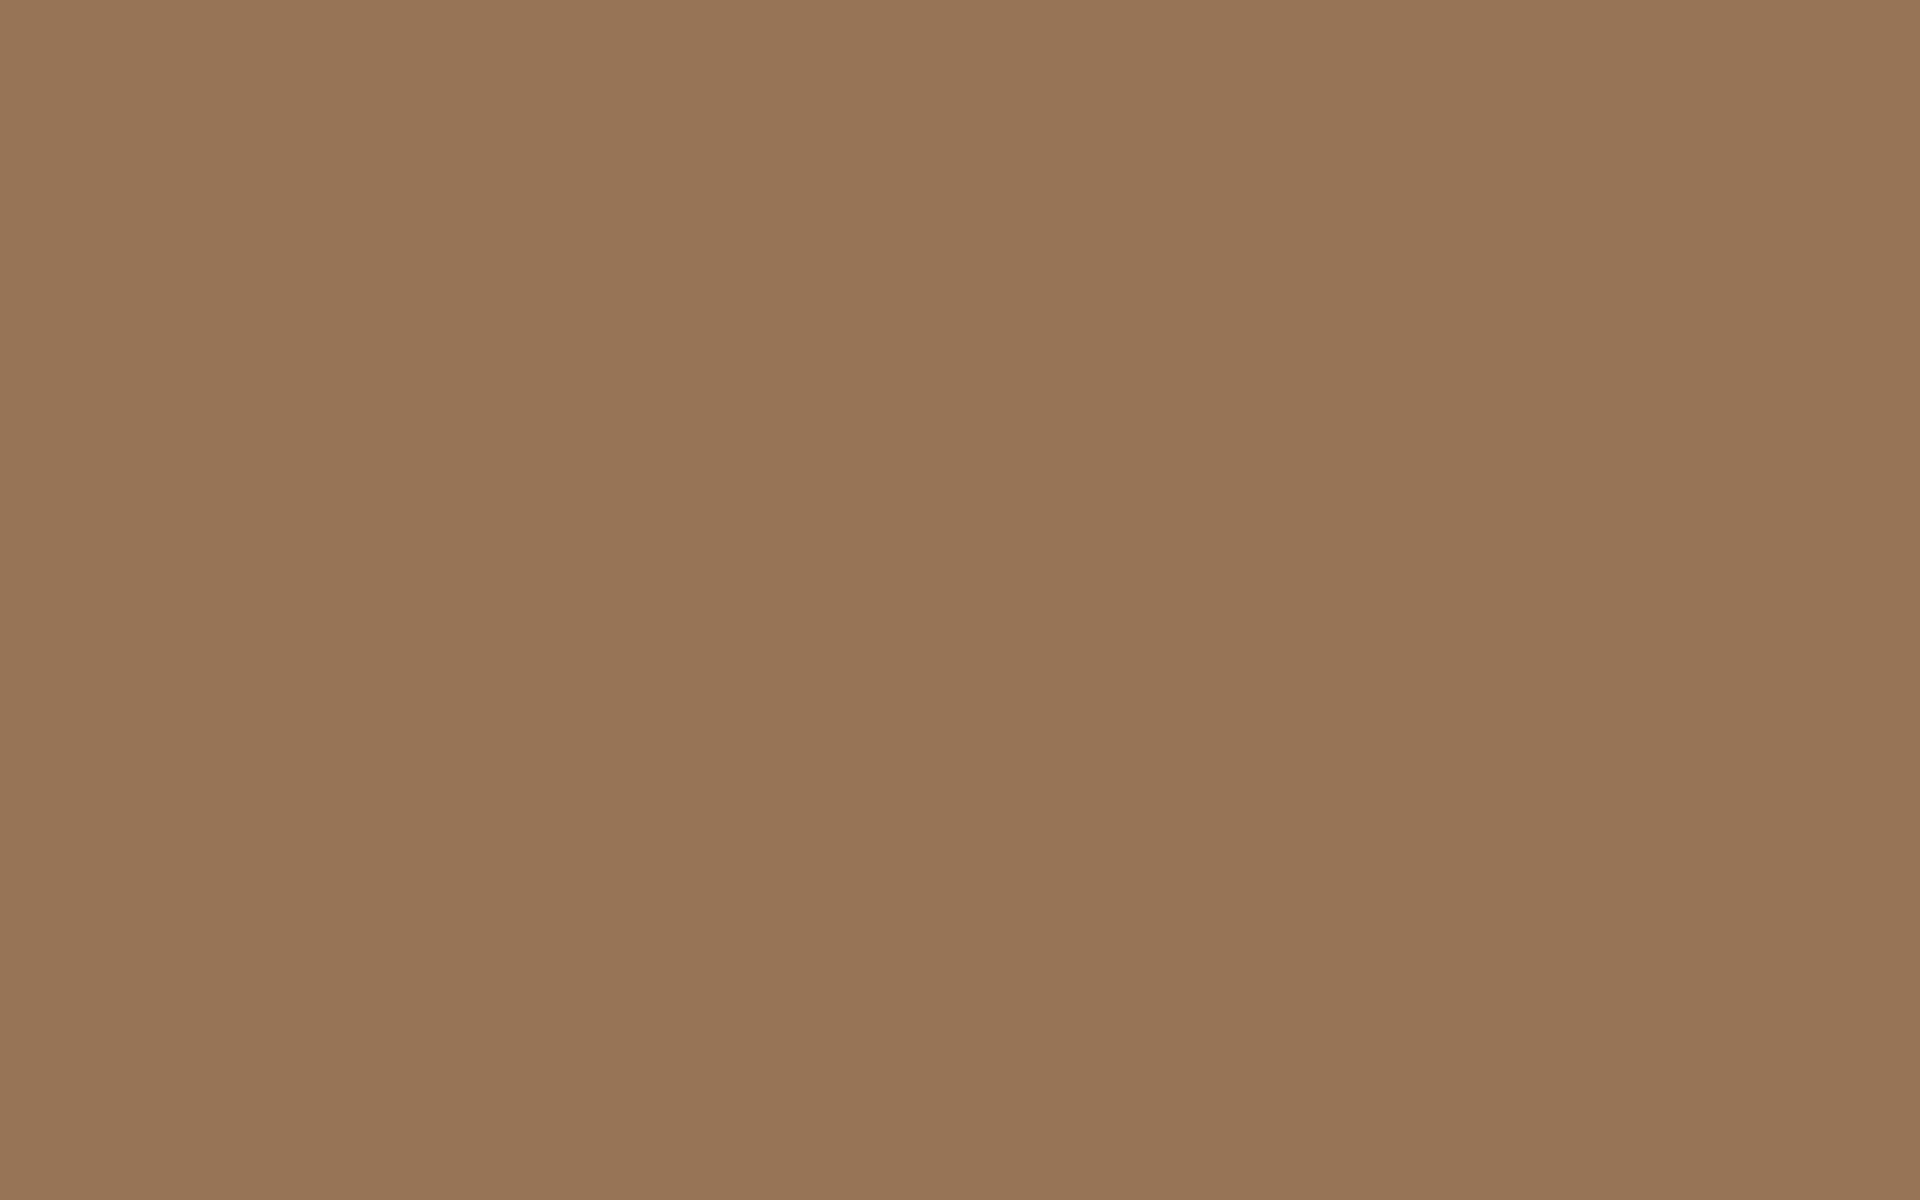 1920x1200 Liver Chestnut Solid Color Background